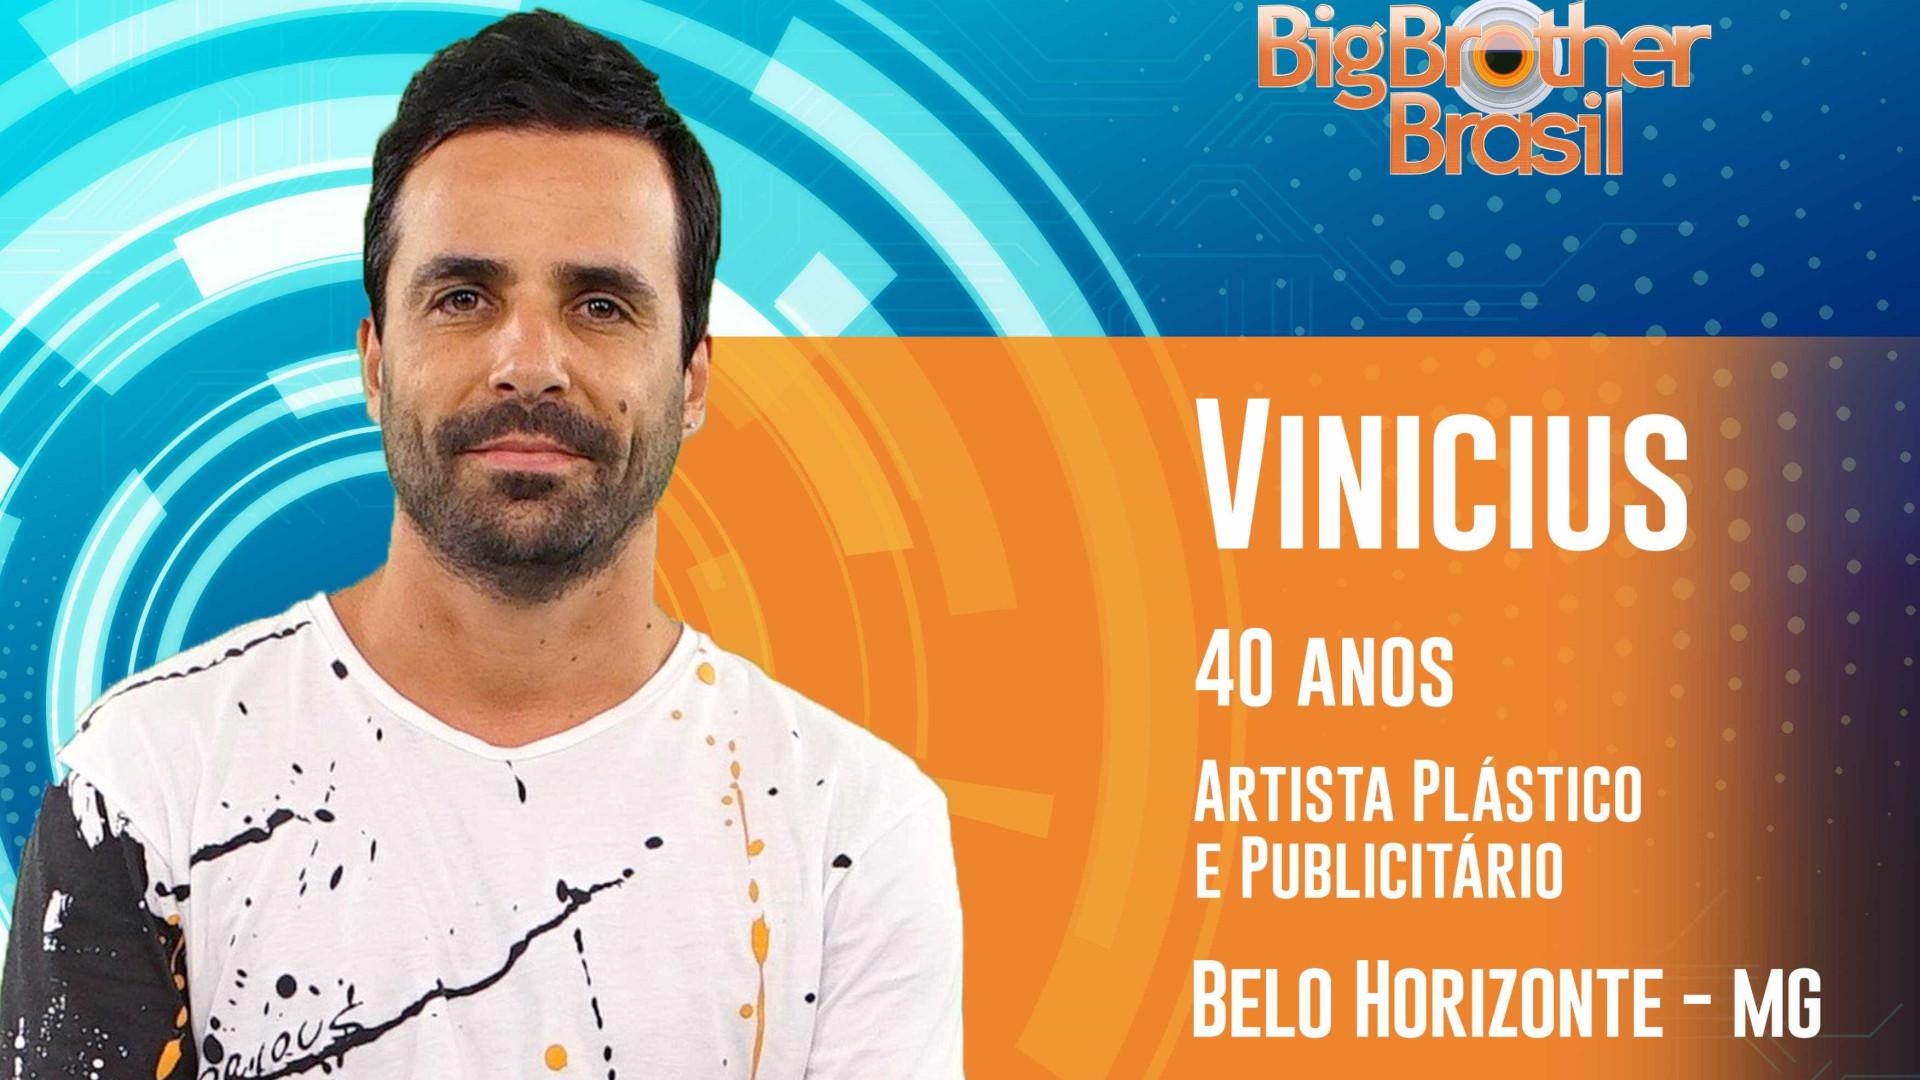 BBB: Hiperativo, artista plástico Vinicius quer autoconhecimento